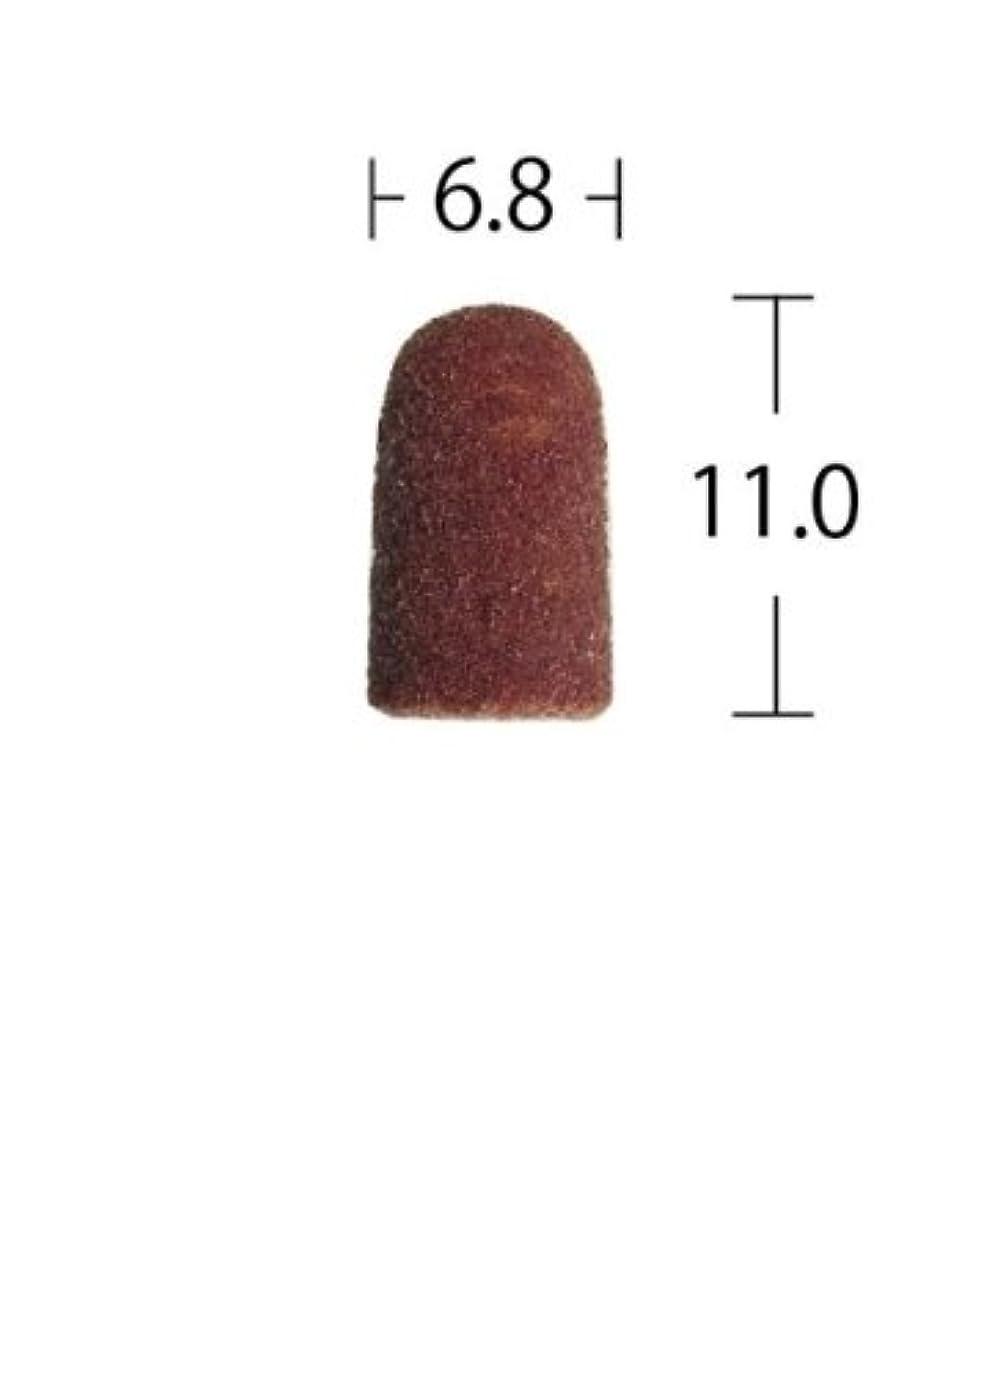 作りガチョウ破裂キャップサンダー 細目#150 b-5F 直径 5mm 3個入